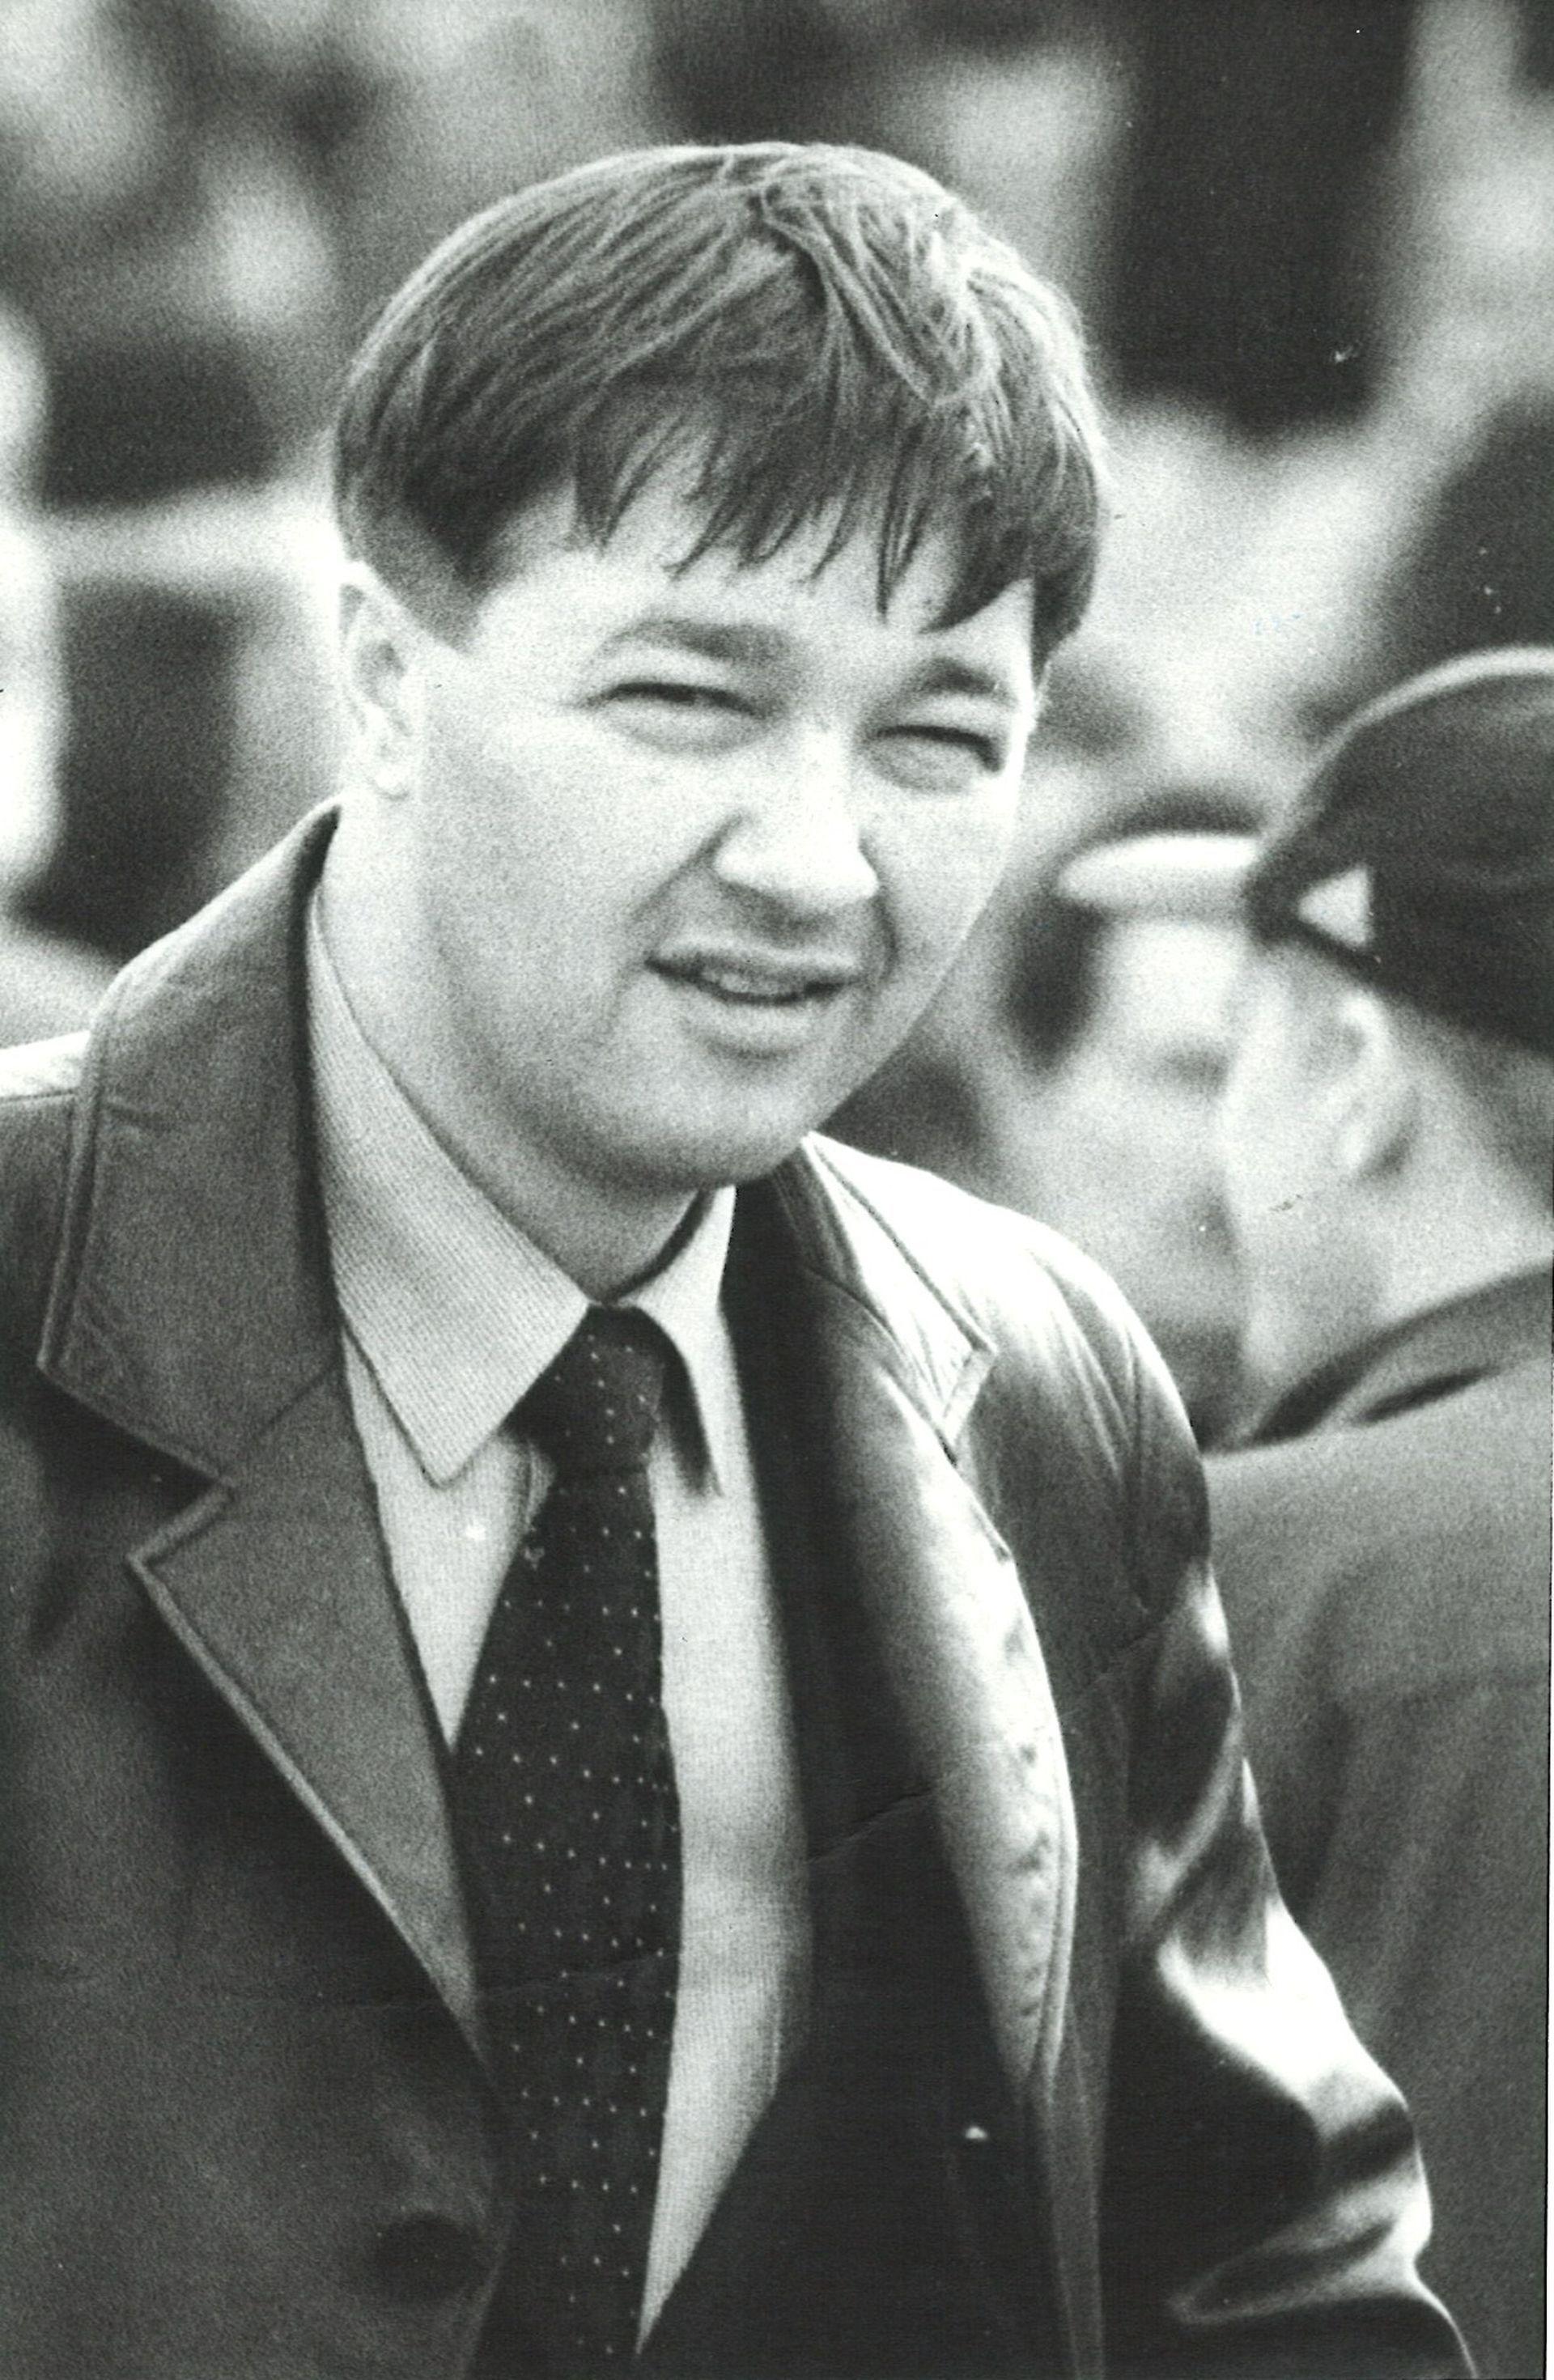 Покойният Анатолий Капский - човекът, създал и отгледал БАТЕ, по чиито завети клубът се движи и след смъртта му